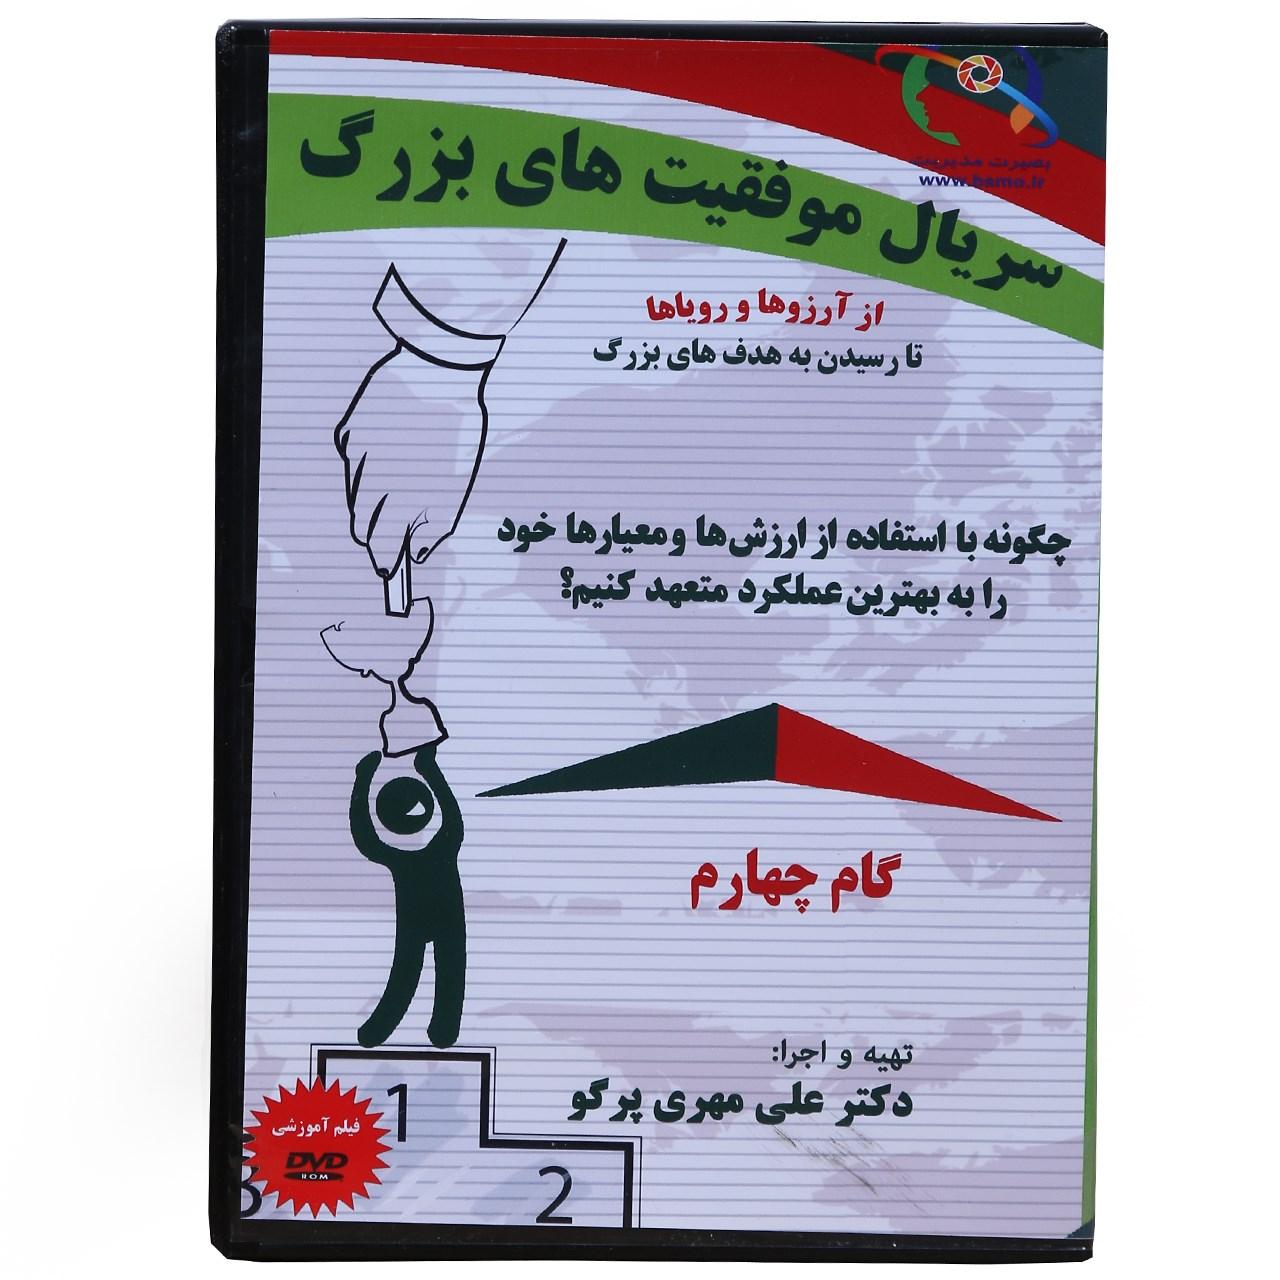 عکس فیلم آموزشی ارزش ها و قوانین موفقیت-سریال موفقیت های بزرگ به کارگردانی دکتر علی مهری